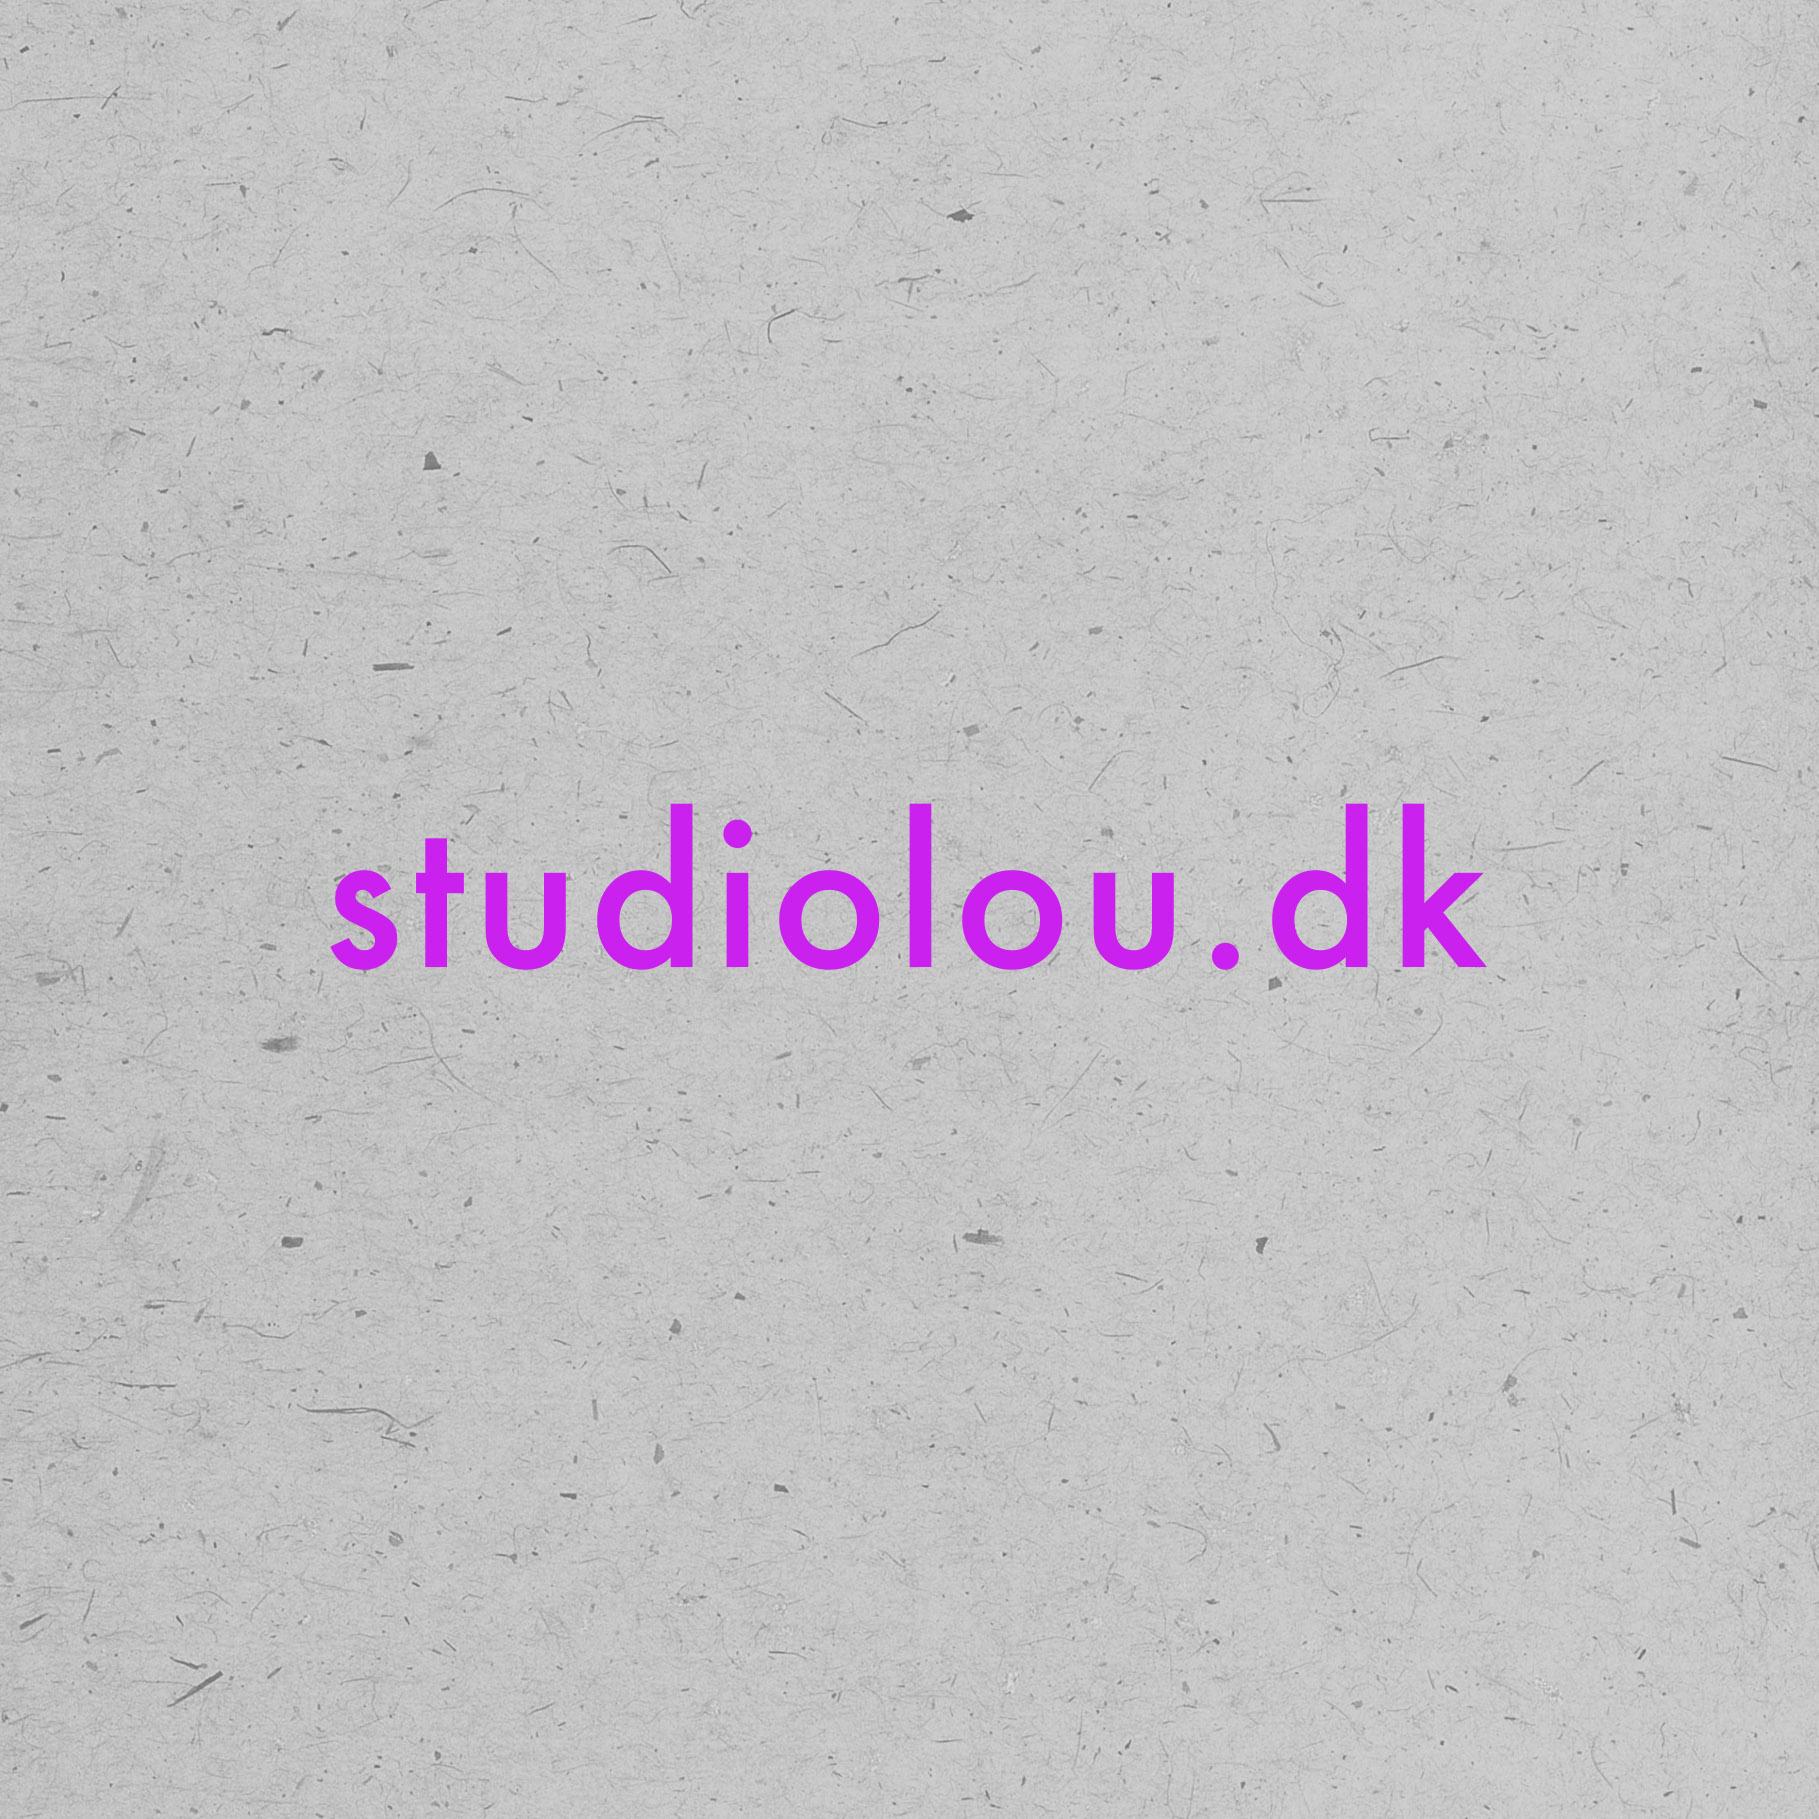 New-Website_03.jpg